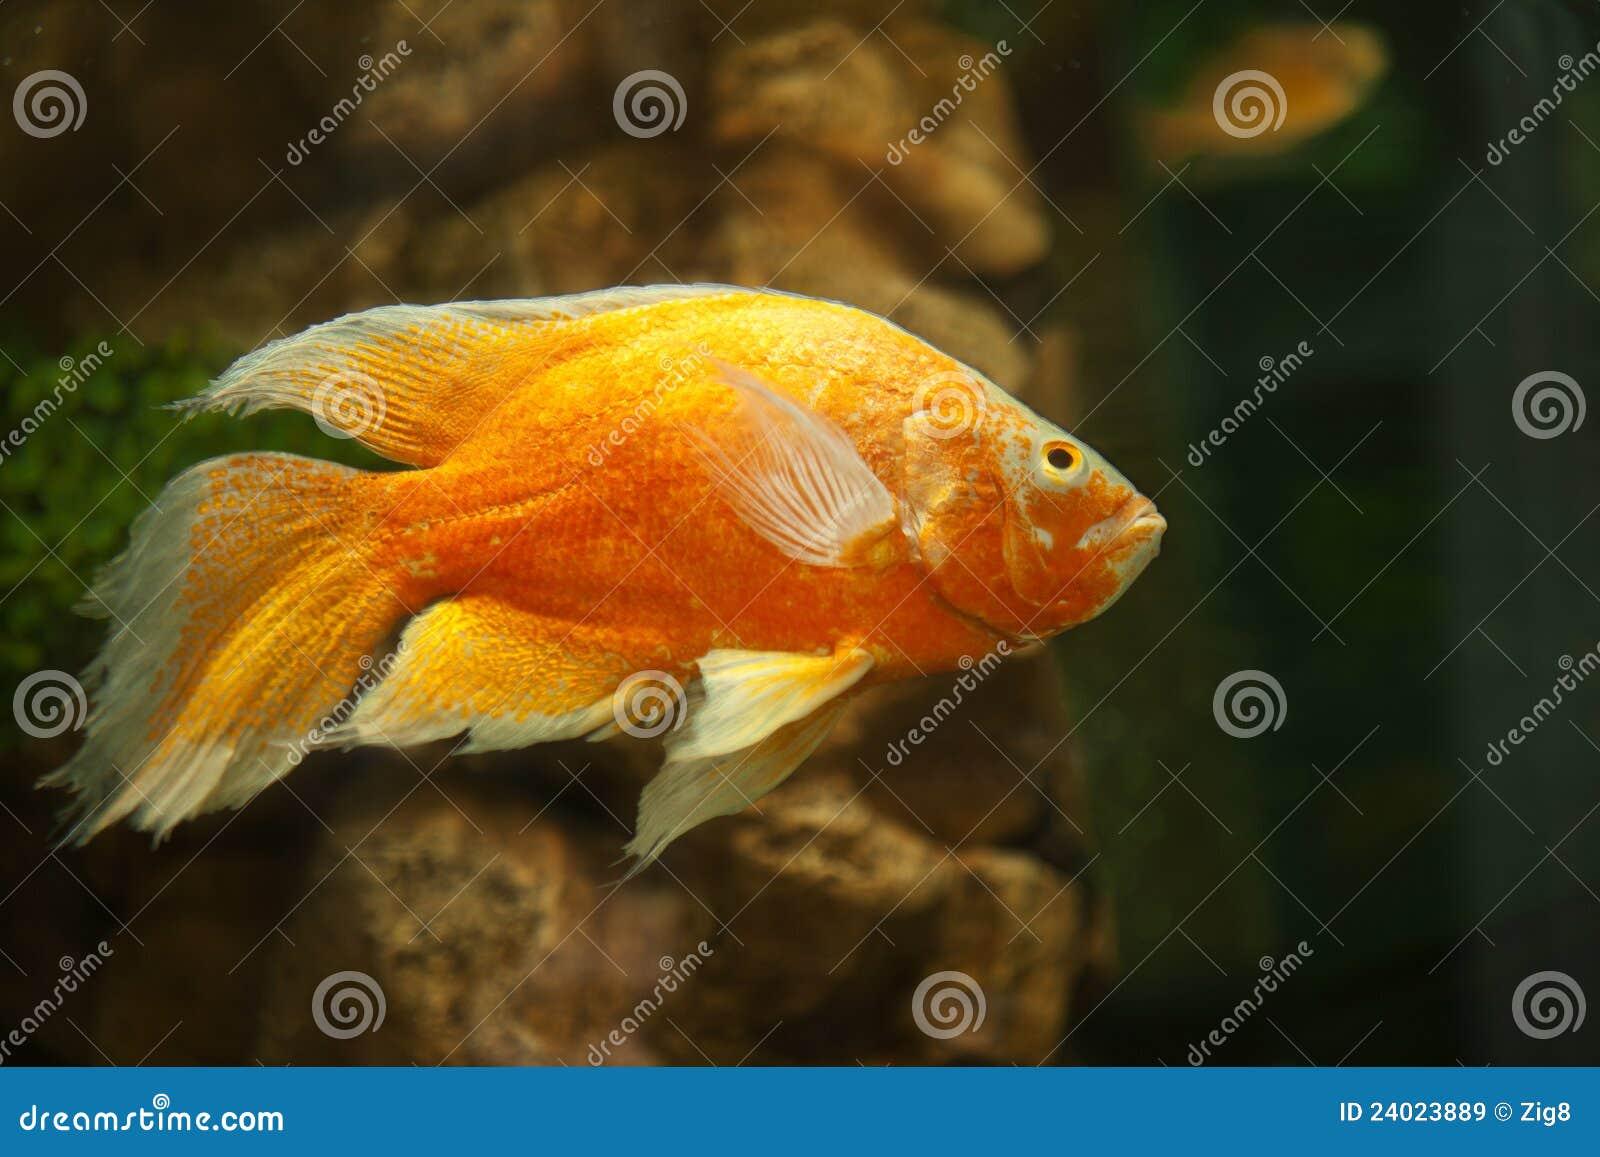 Goldene fische im aquarium stockbild bild von golden for Salzwasser aquarium fische